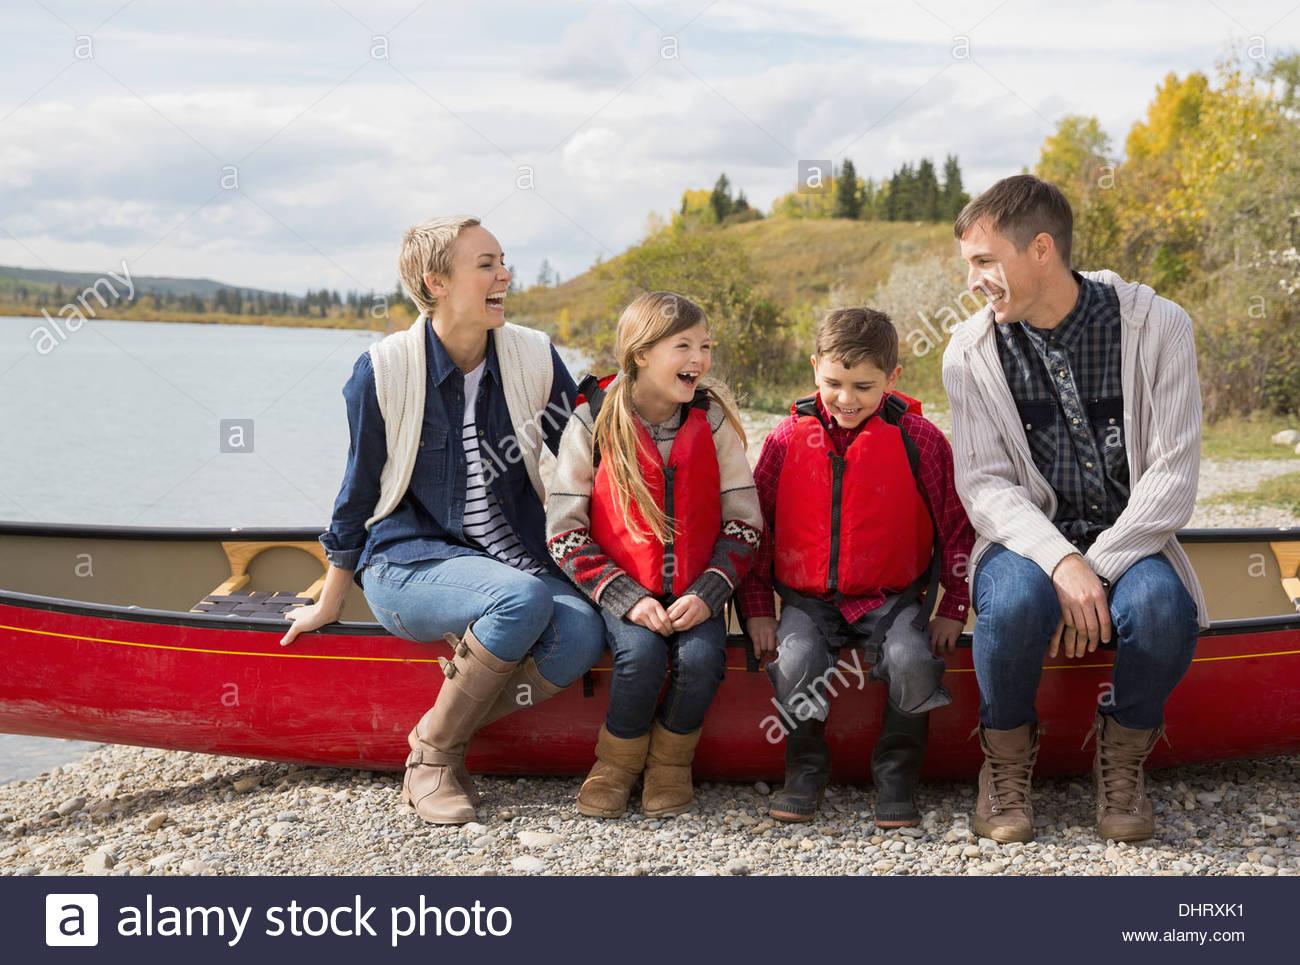 La famiglia felice seduti insieme in canoa sul lungolago Immagini Stock